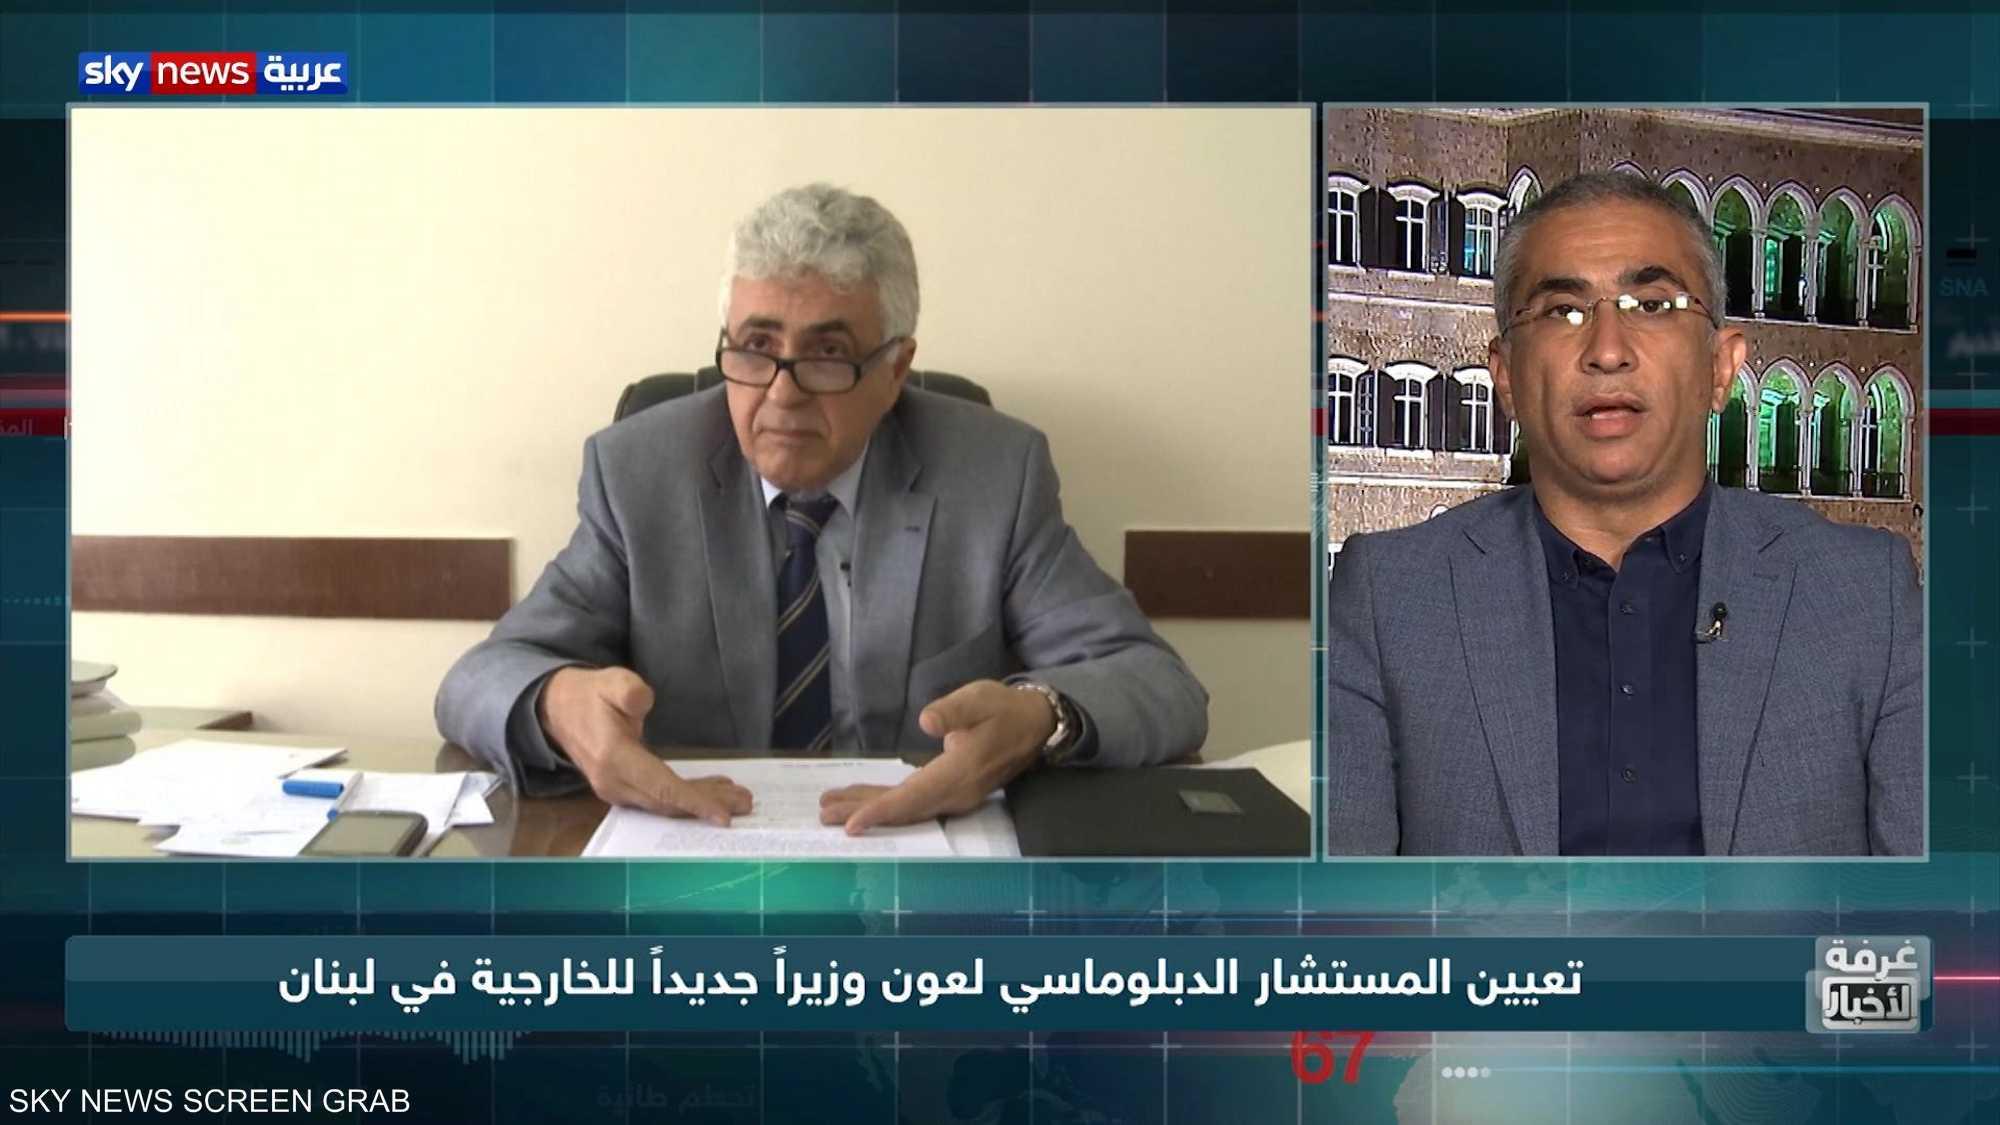 صفعة لحكومة لبنان.. استقالة وزير الخارجية احتجاجا على أدائها